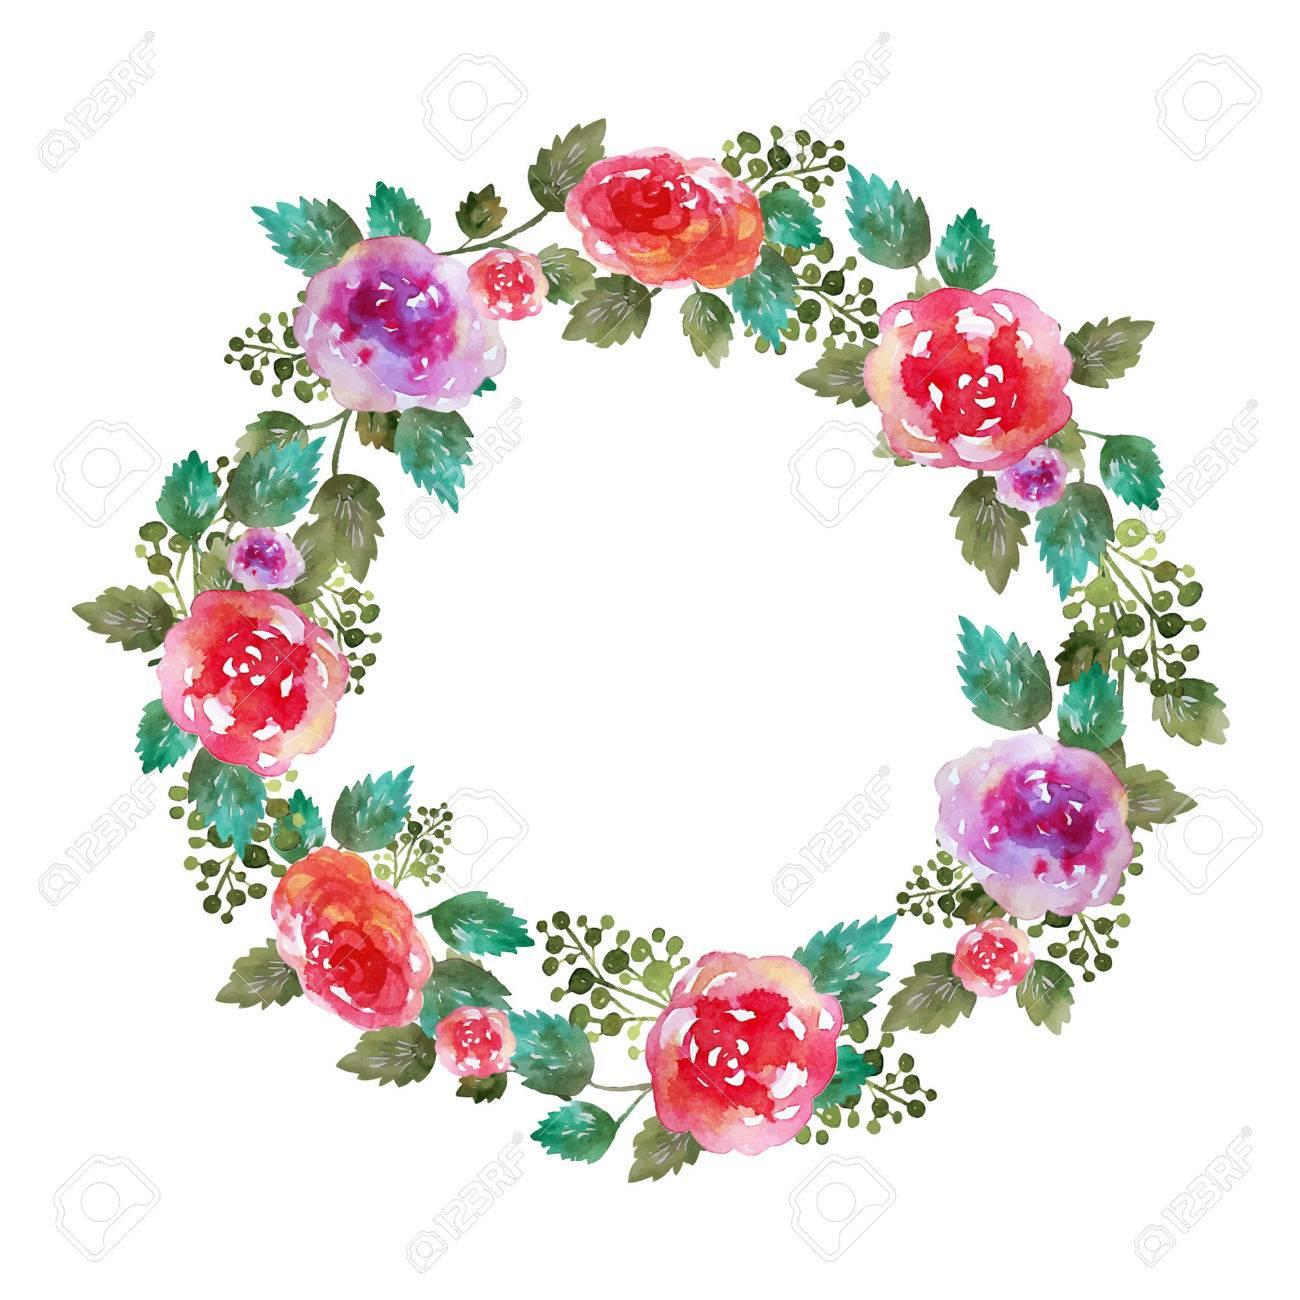 Vector Vintage Blumenkranz Hochzeit Rahmen Mit Rosen Blumen Und